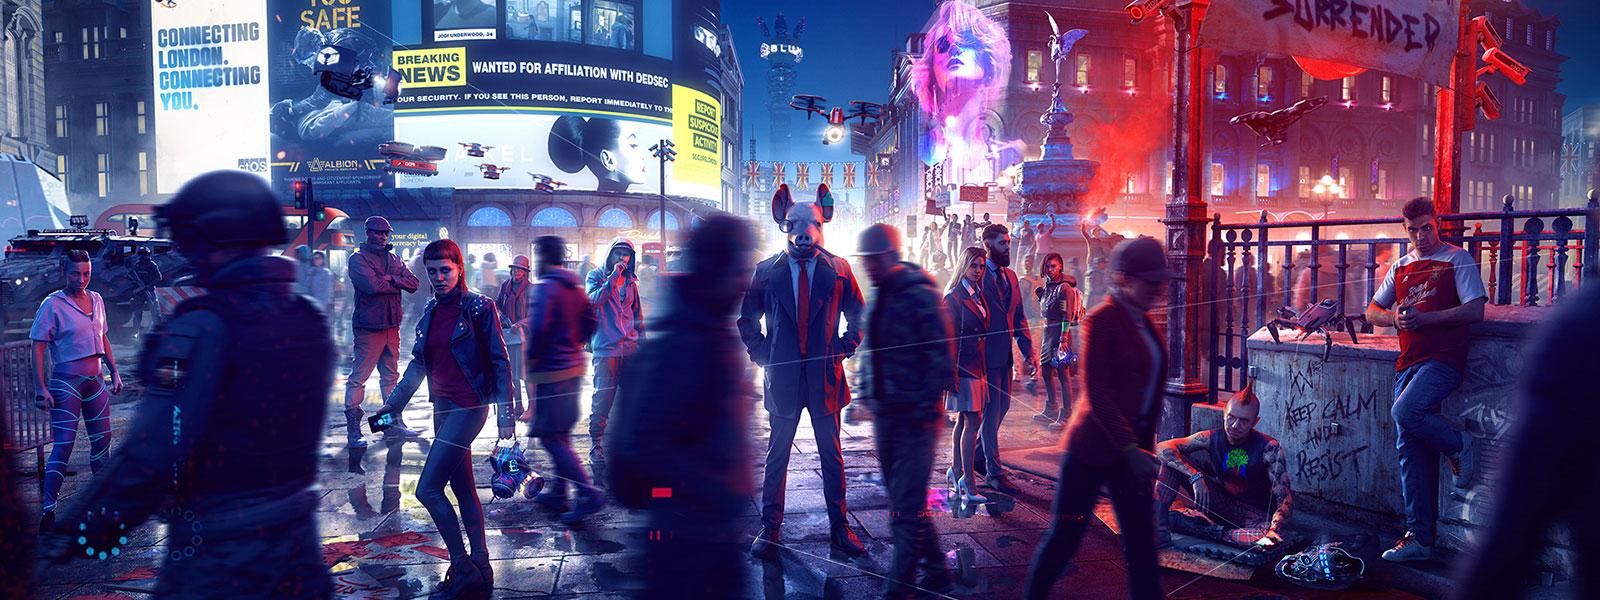 Una persona con una máscara de cerdo y un traje, enfocada, entre una multitud de personas